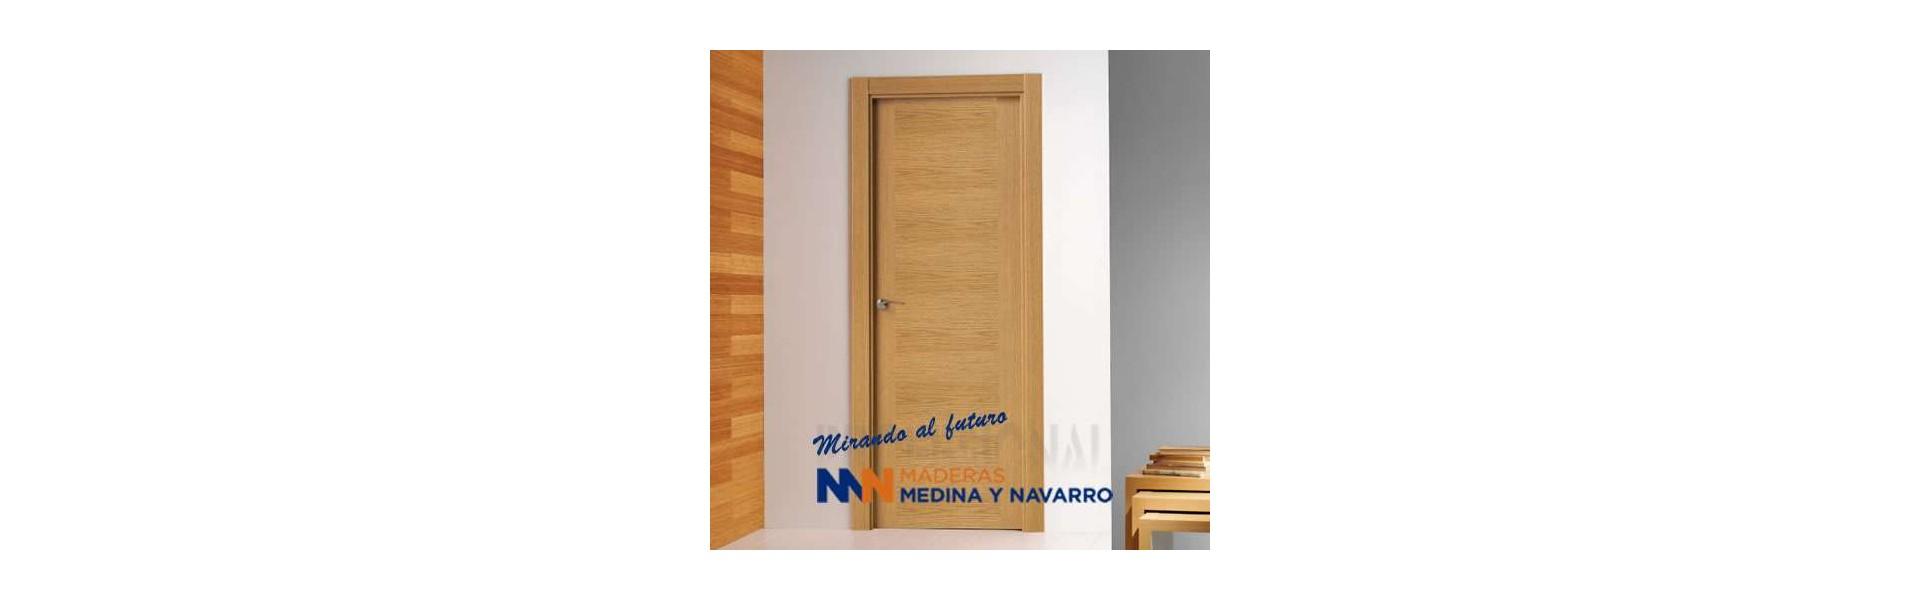 Puertas de interior de chapa barnizada modernas de Puertas Proma